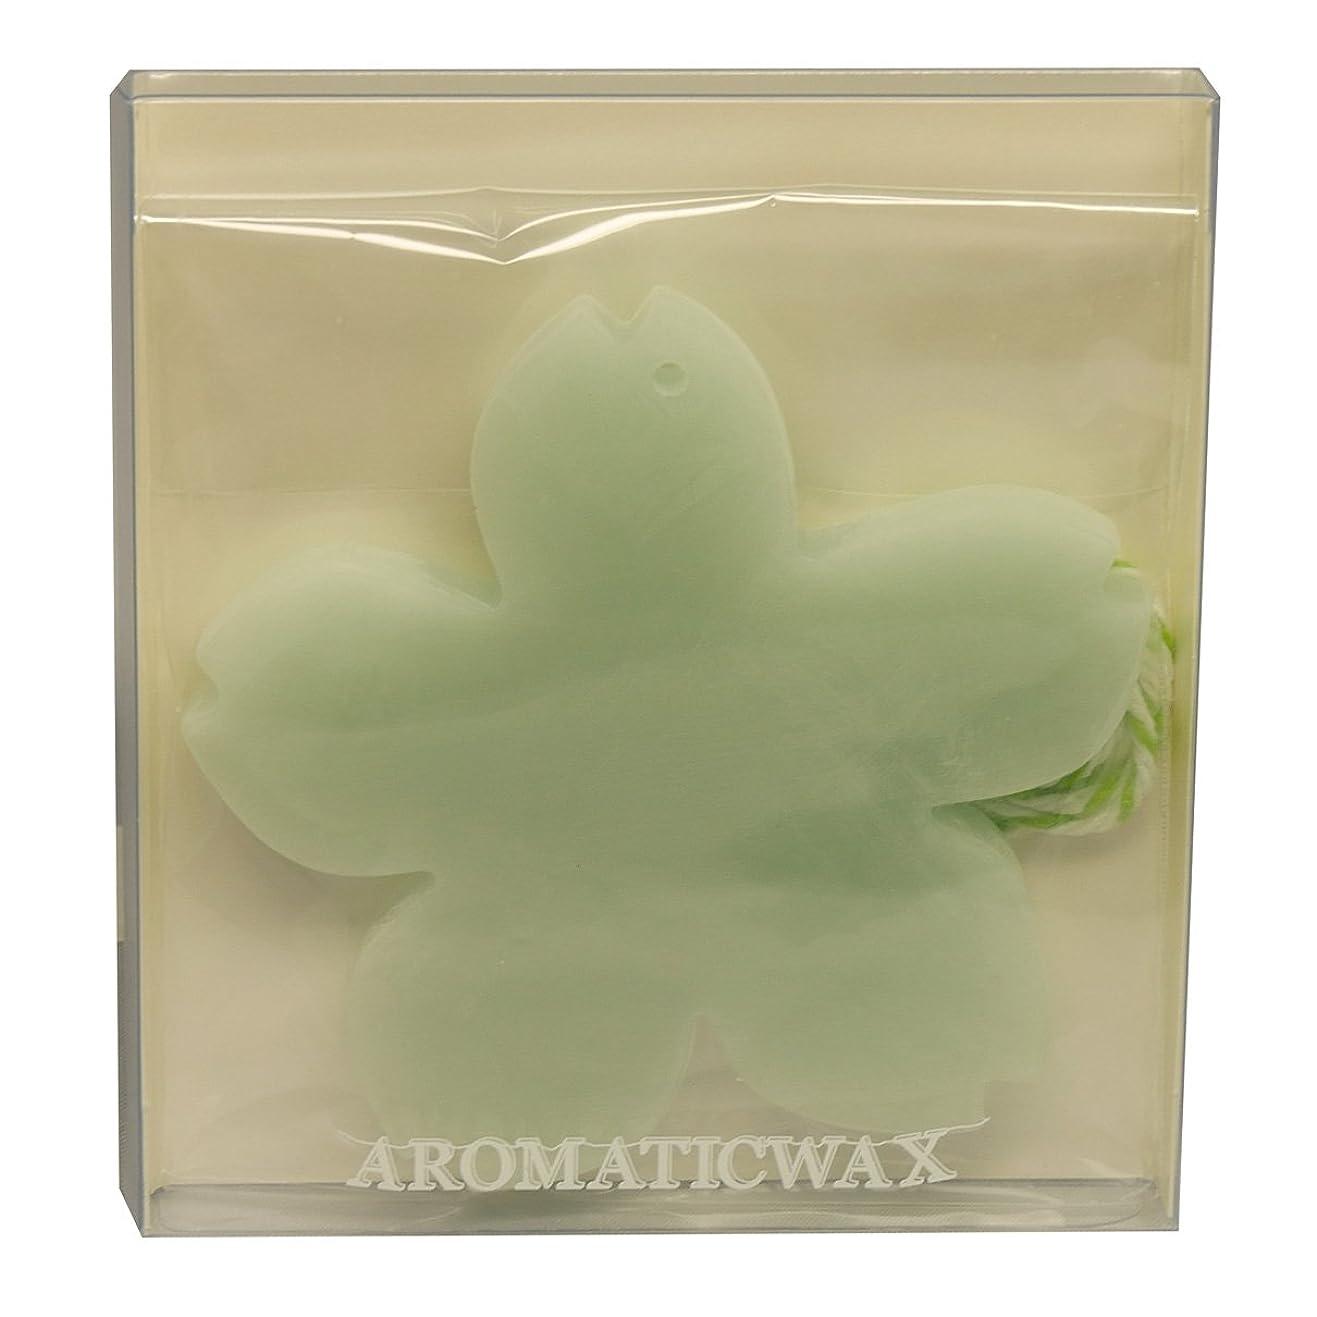 斧そよ風サイレントGRASSE TOKYO AROMATICWAXチャーム「さくら」(GR) レモングラス アロマティックワックス グラーストウキョウ